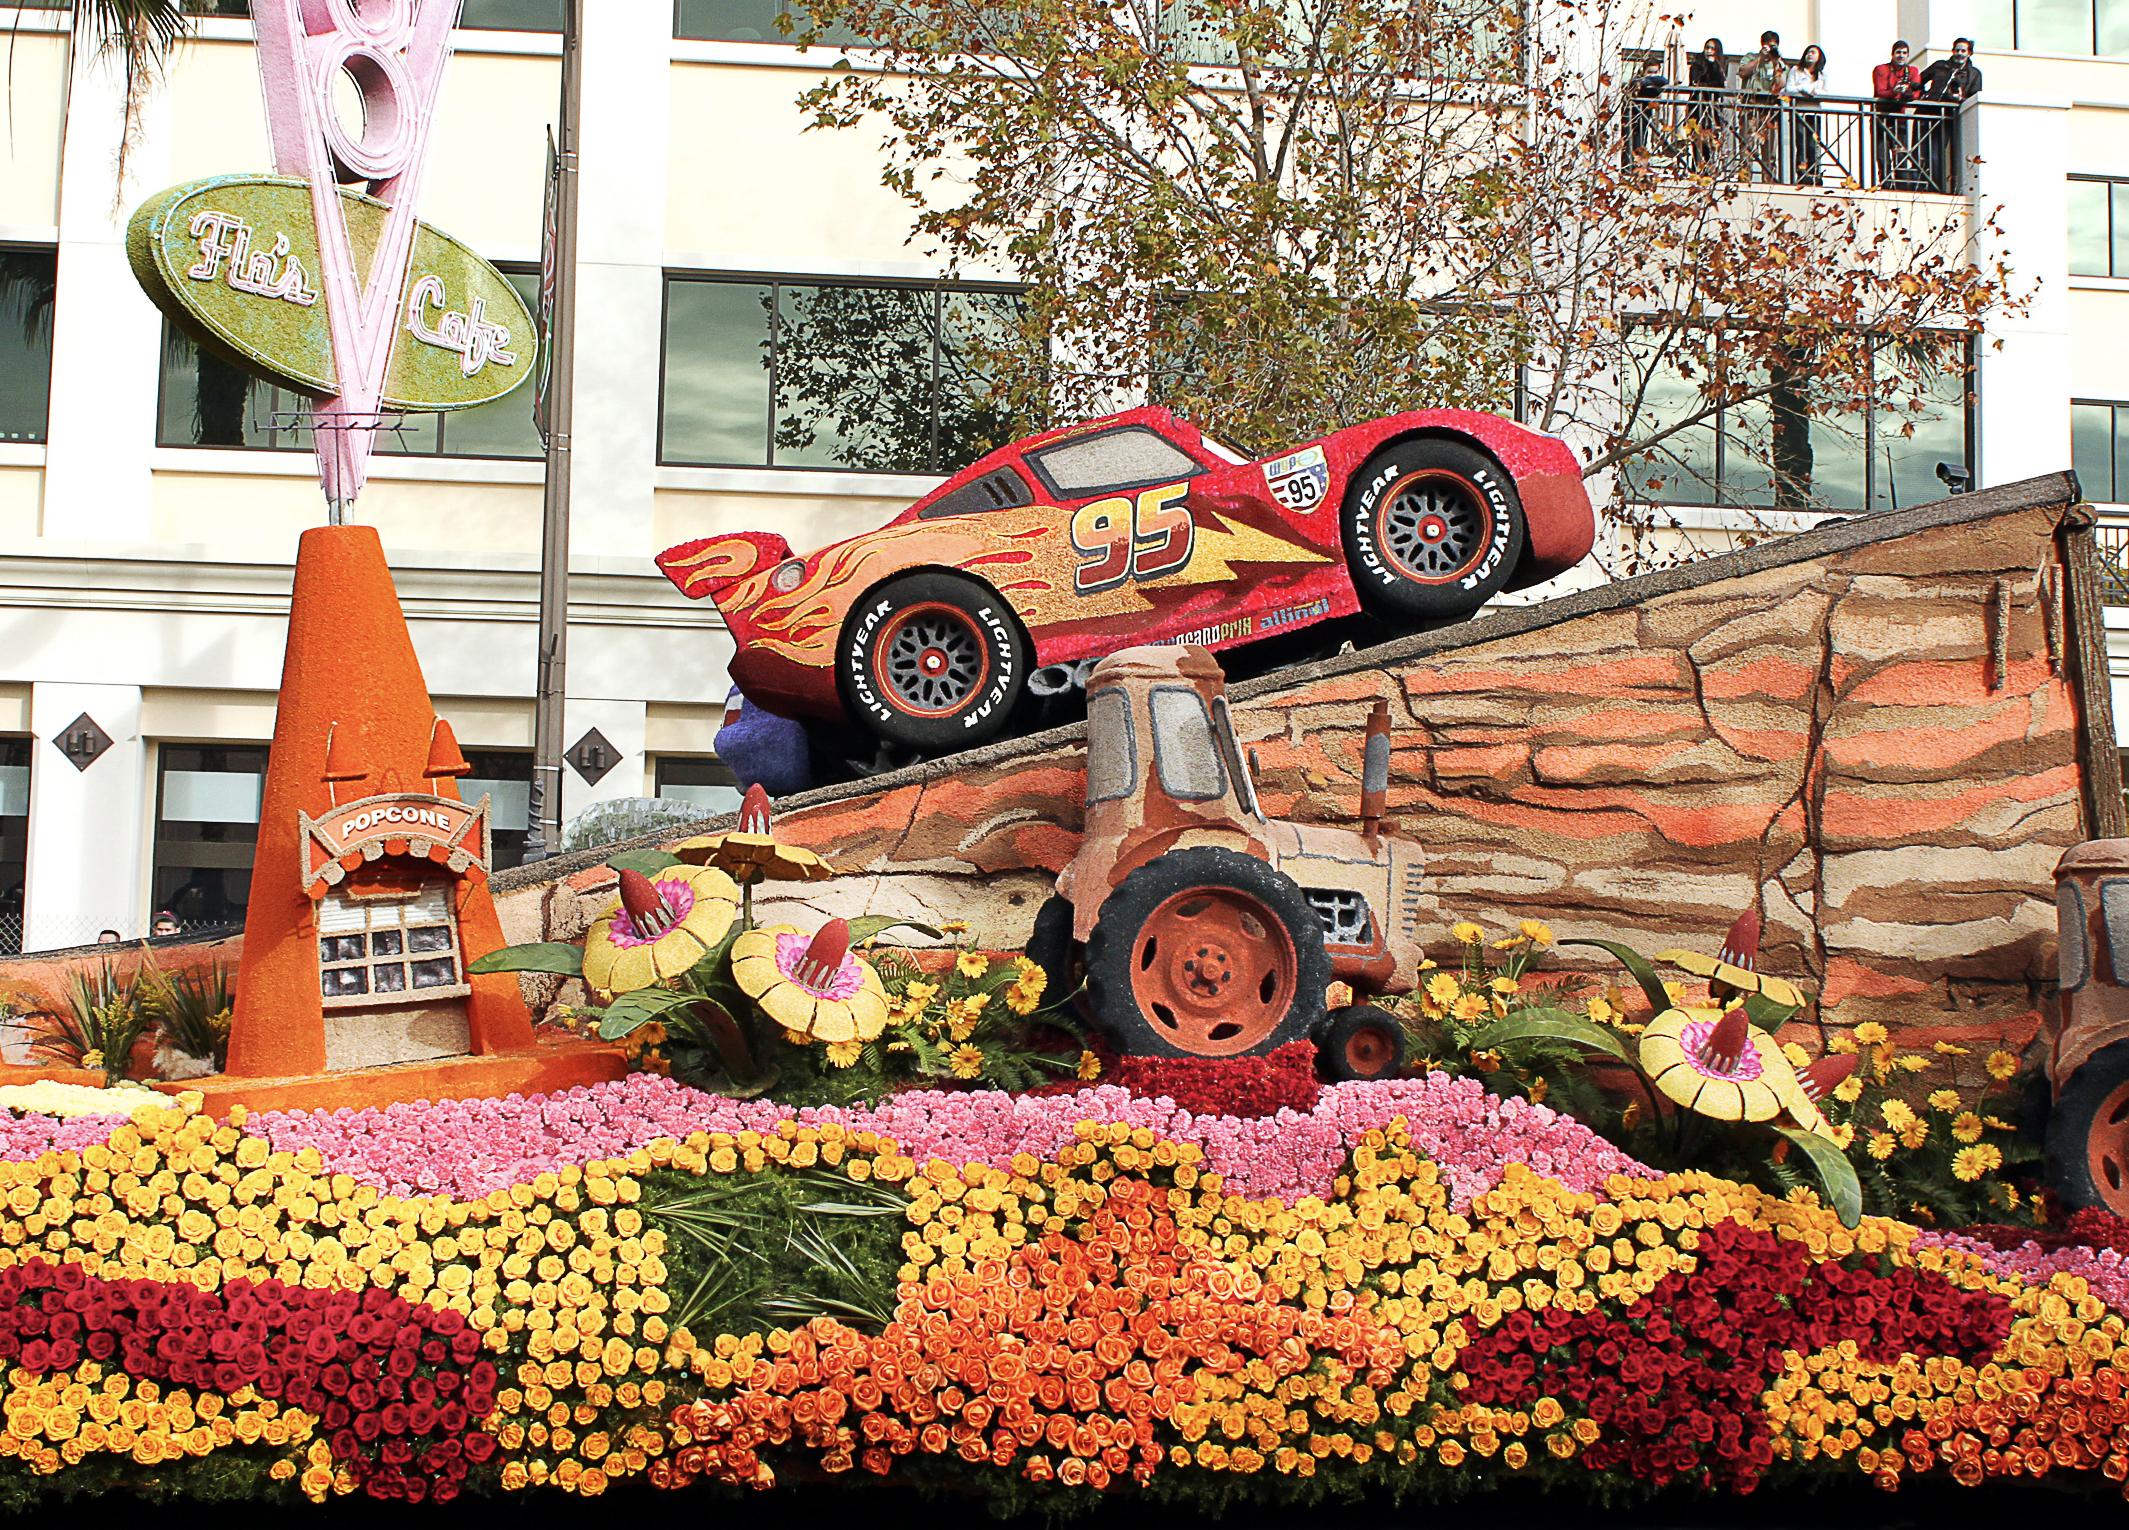 roseparade winning entries-cars land 2.jpg